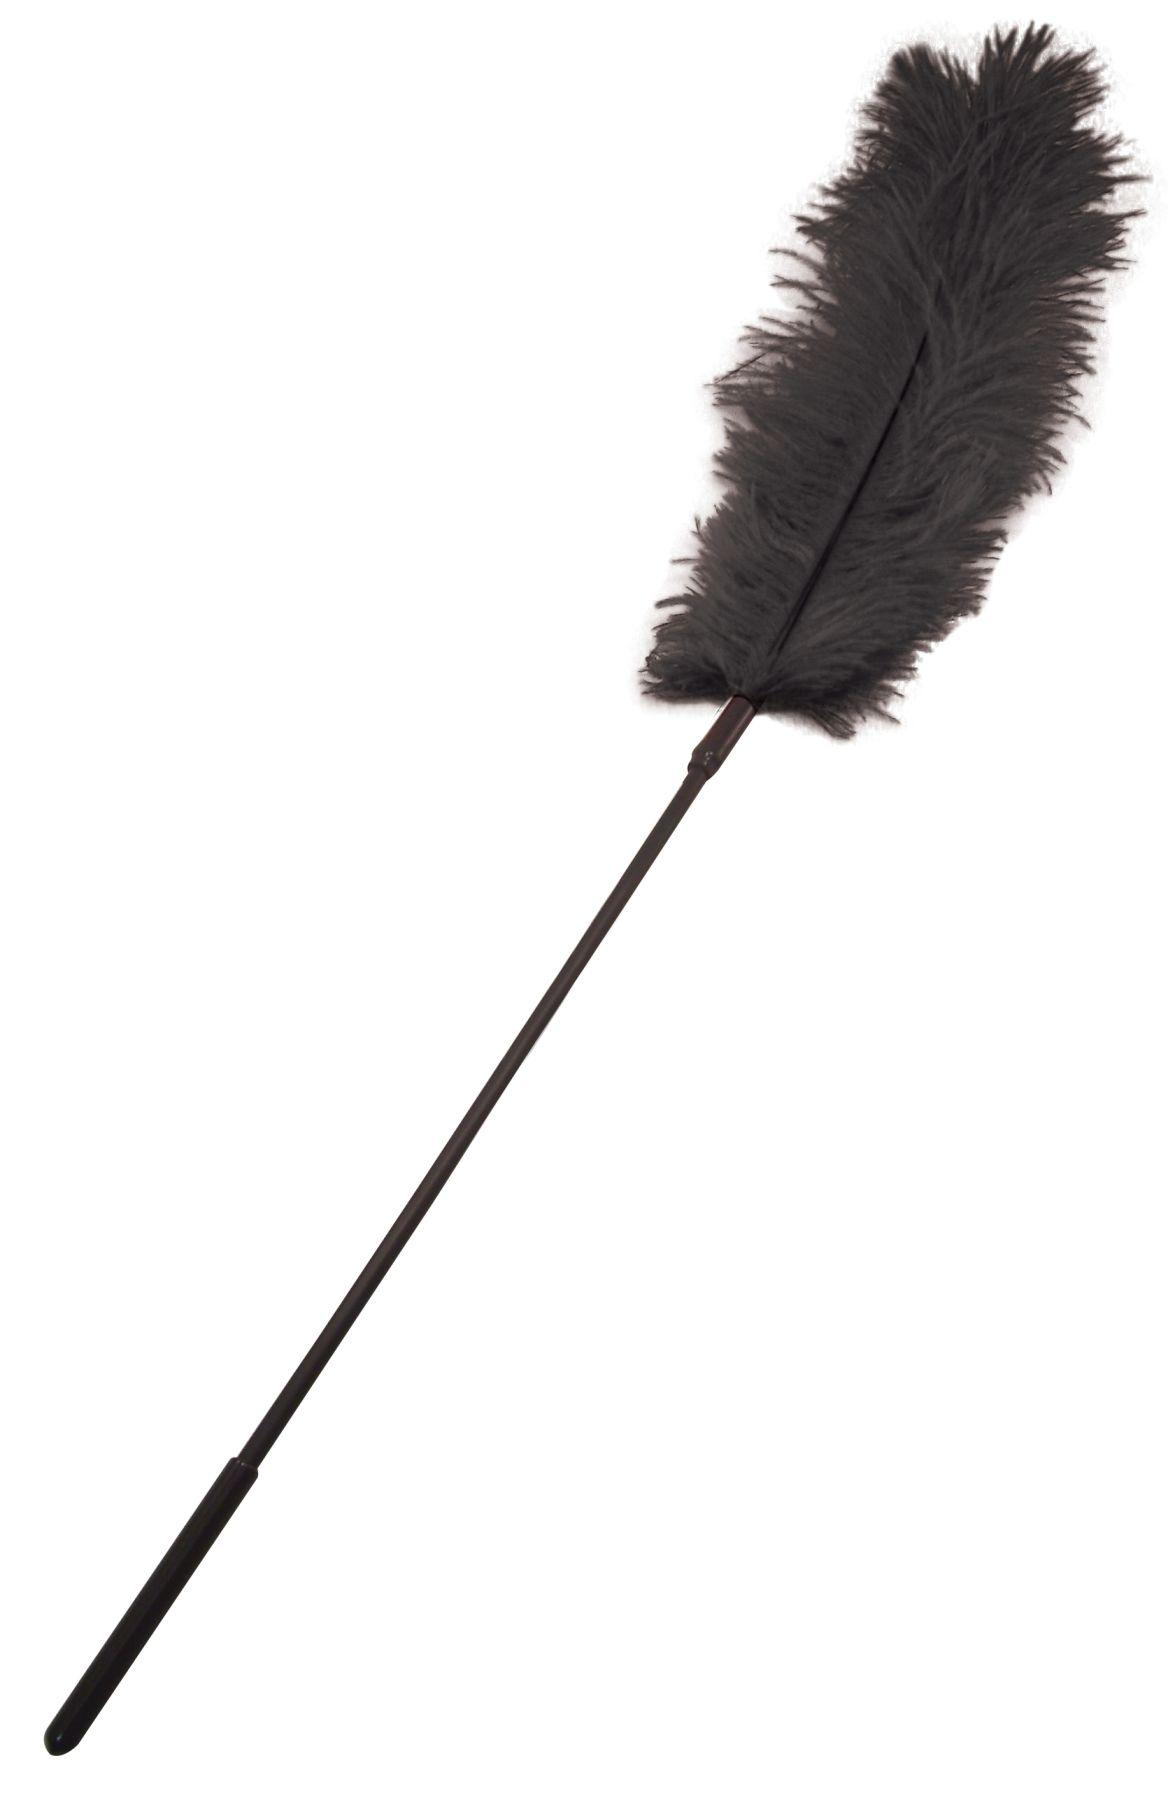 БДСМ метелочки и щекоталочки - Щекоталка с пером страуса Sportsheets Ostrich Tickler Черная